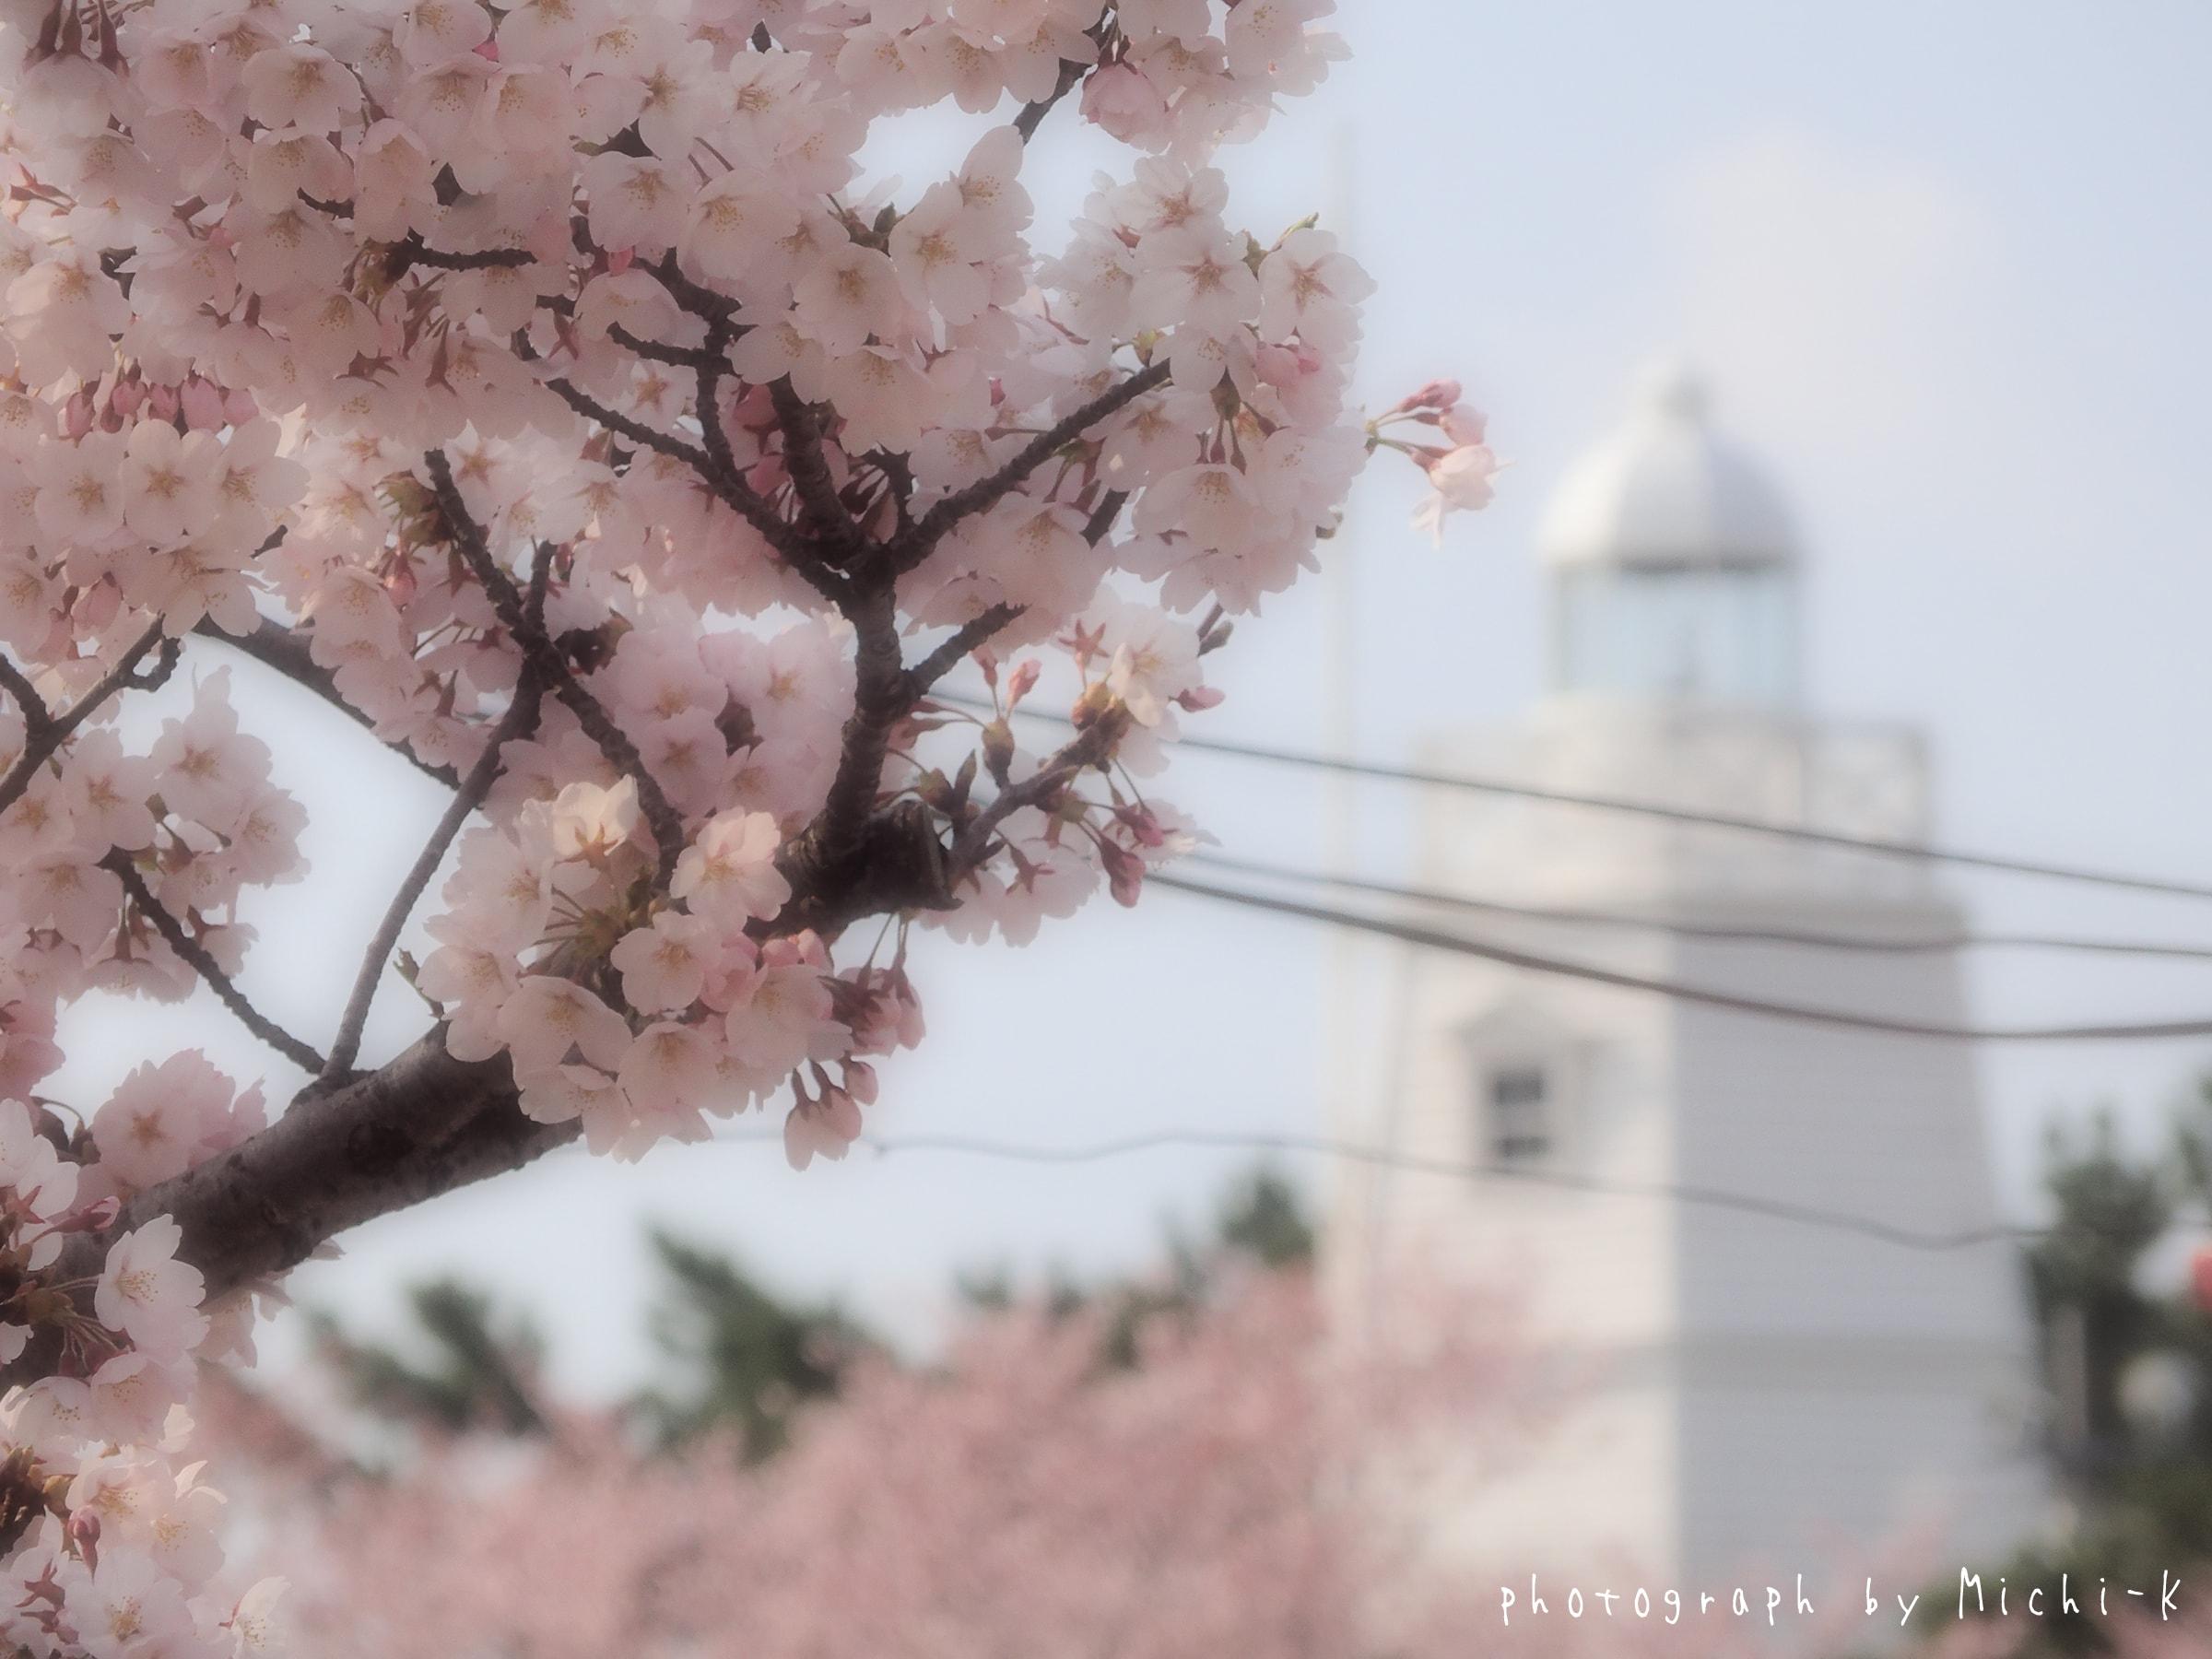 酒田市日和山公園、桜と灯台-2017/4/16 No.4